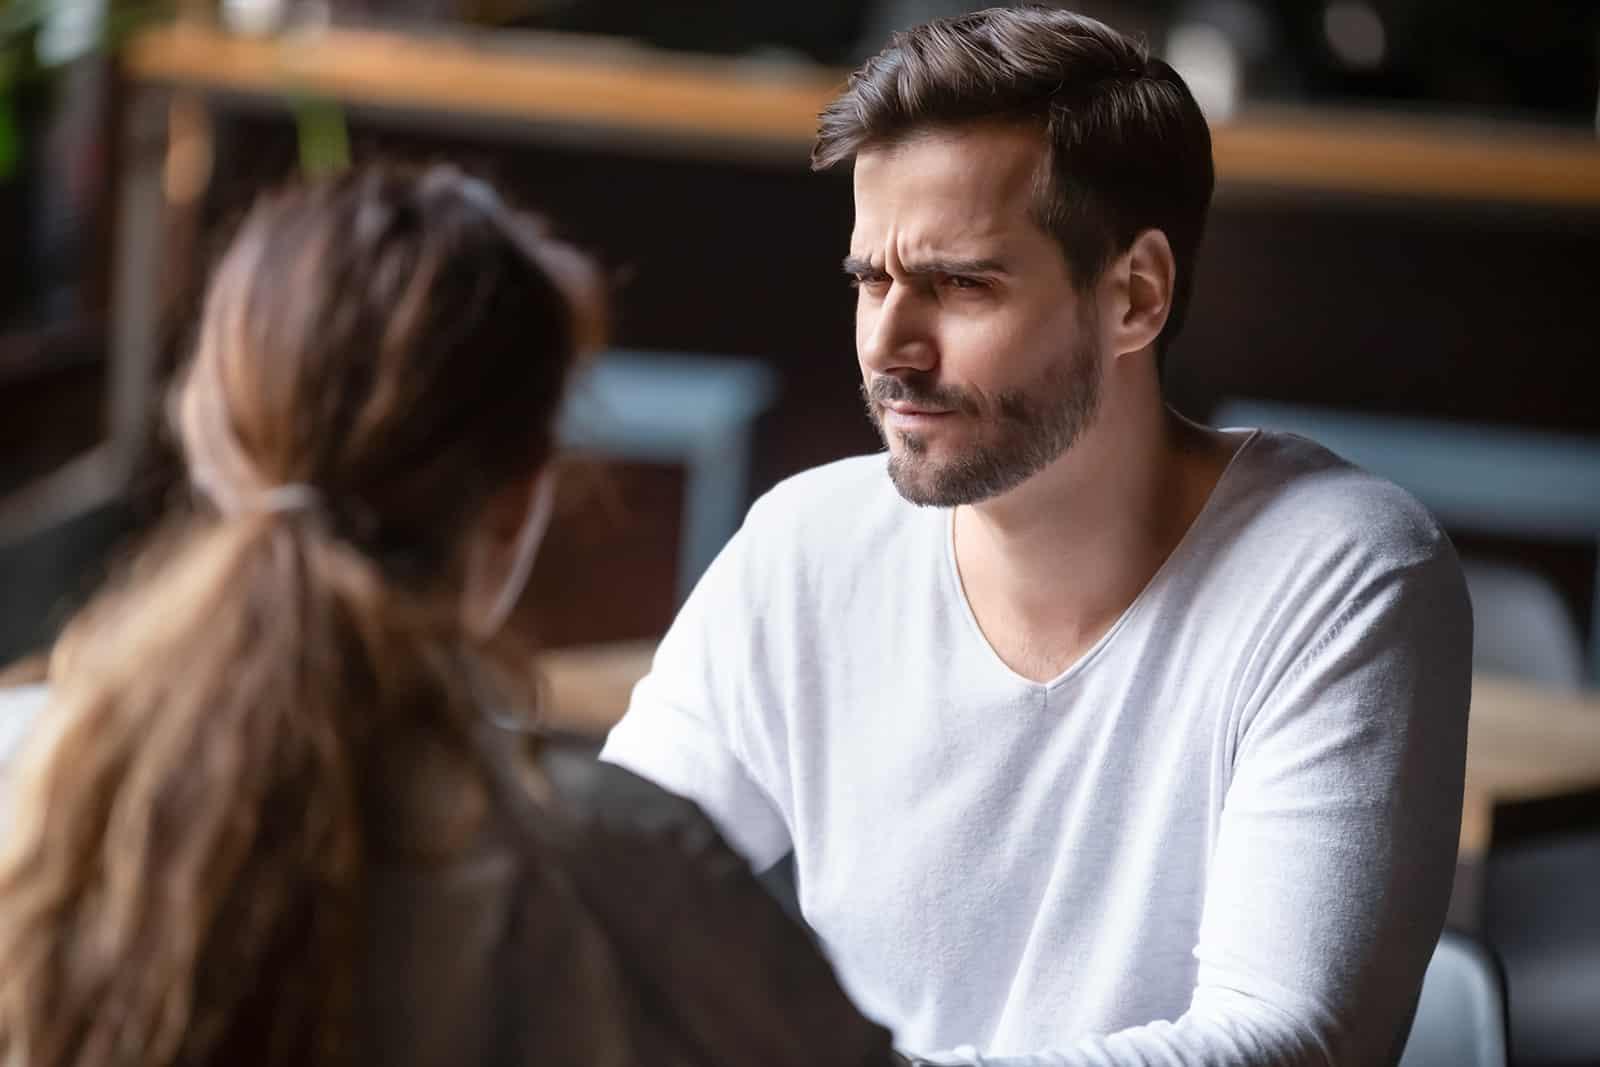 ein verwirrter Mann, der eine Freundin ansieht, die mit ihm im Café sitzt